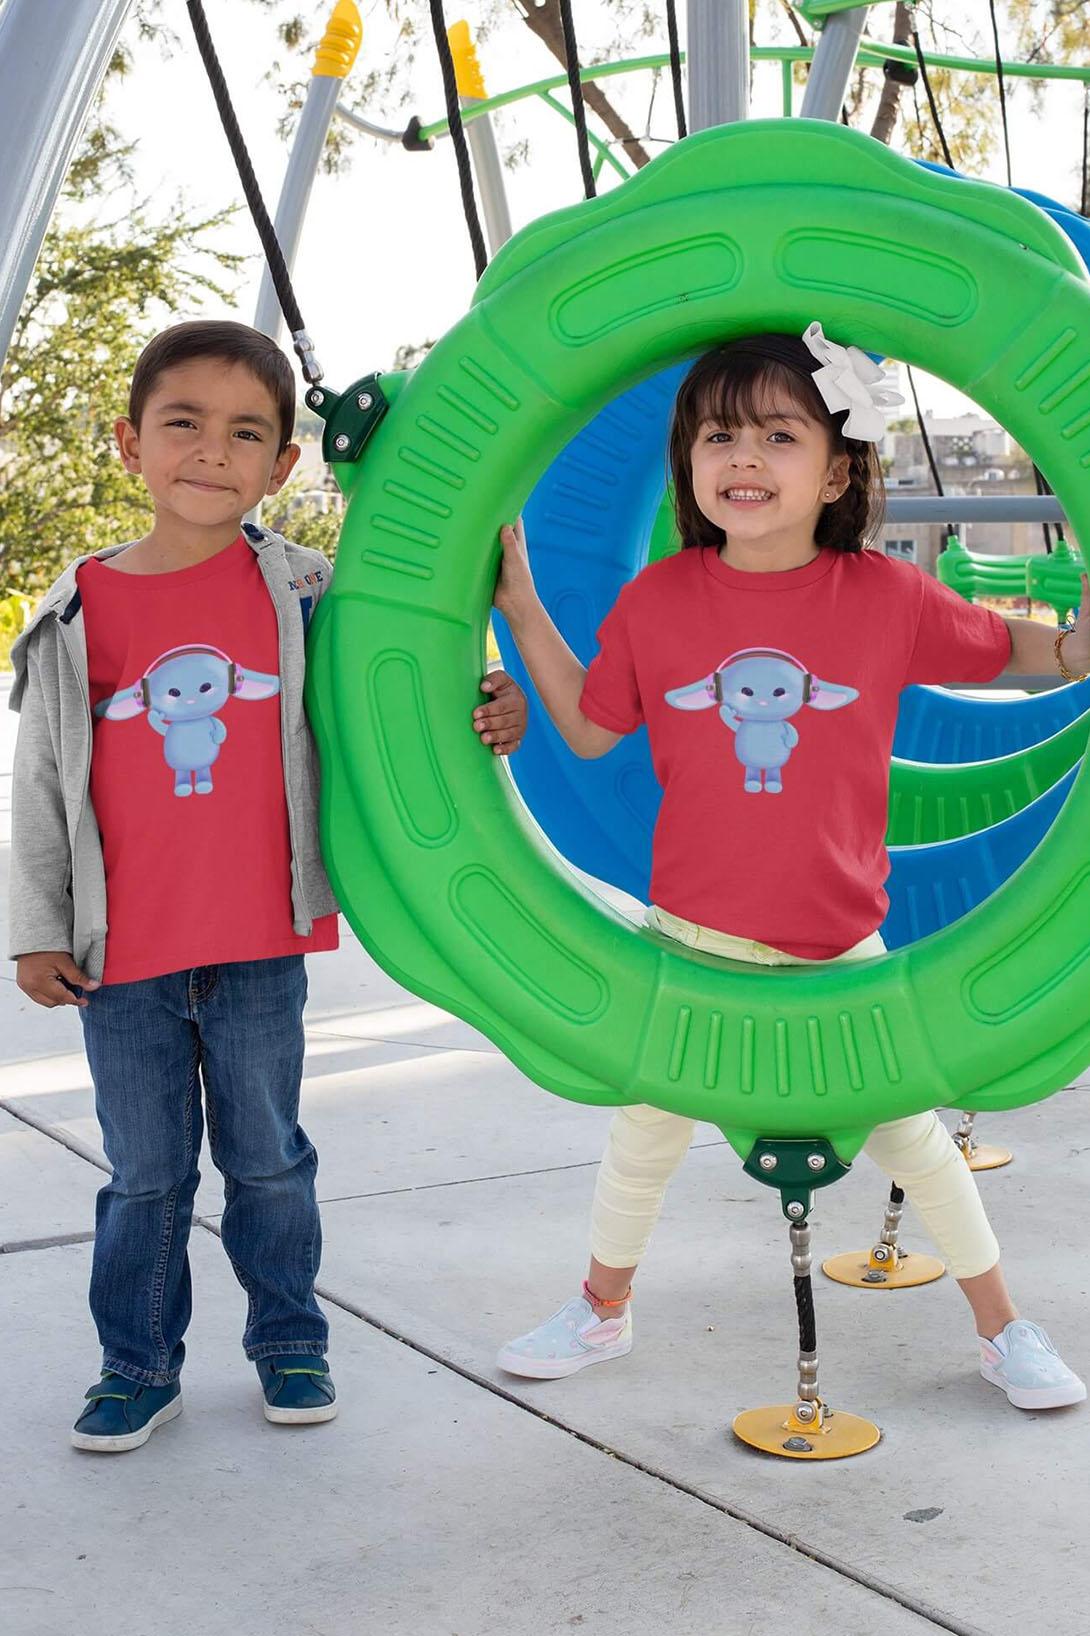 MMO Detské tričko Zajac so slúchadlami Vyberte farbu:: Trávová zelená, Detská veľkosť: 122/6 rokov